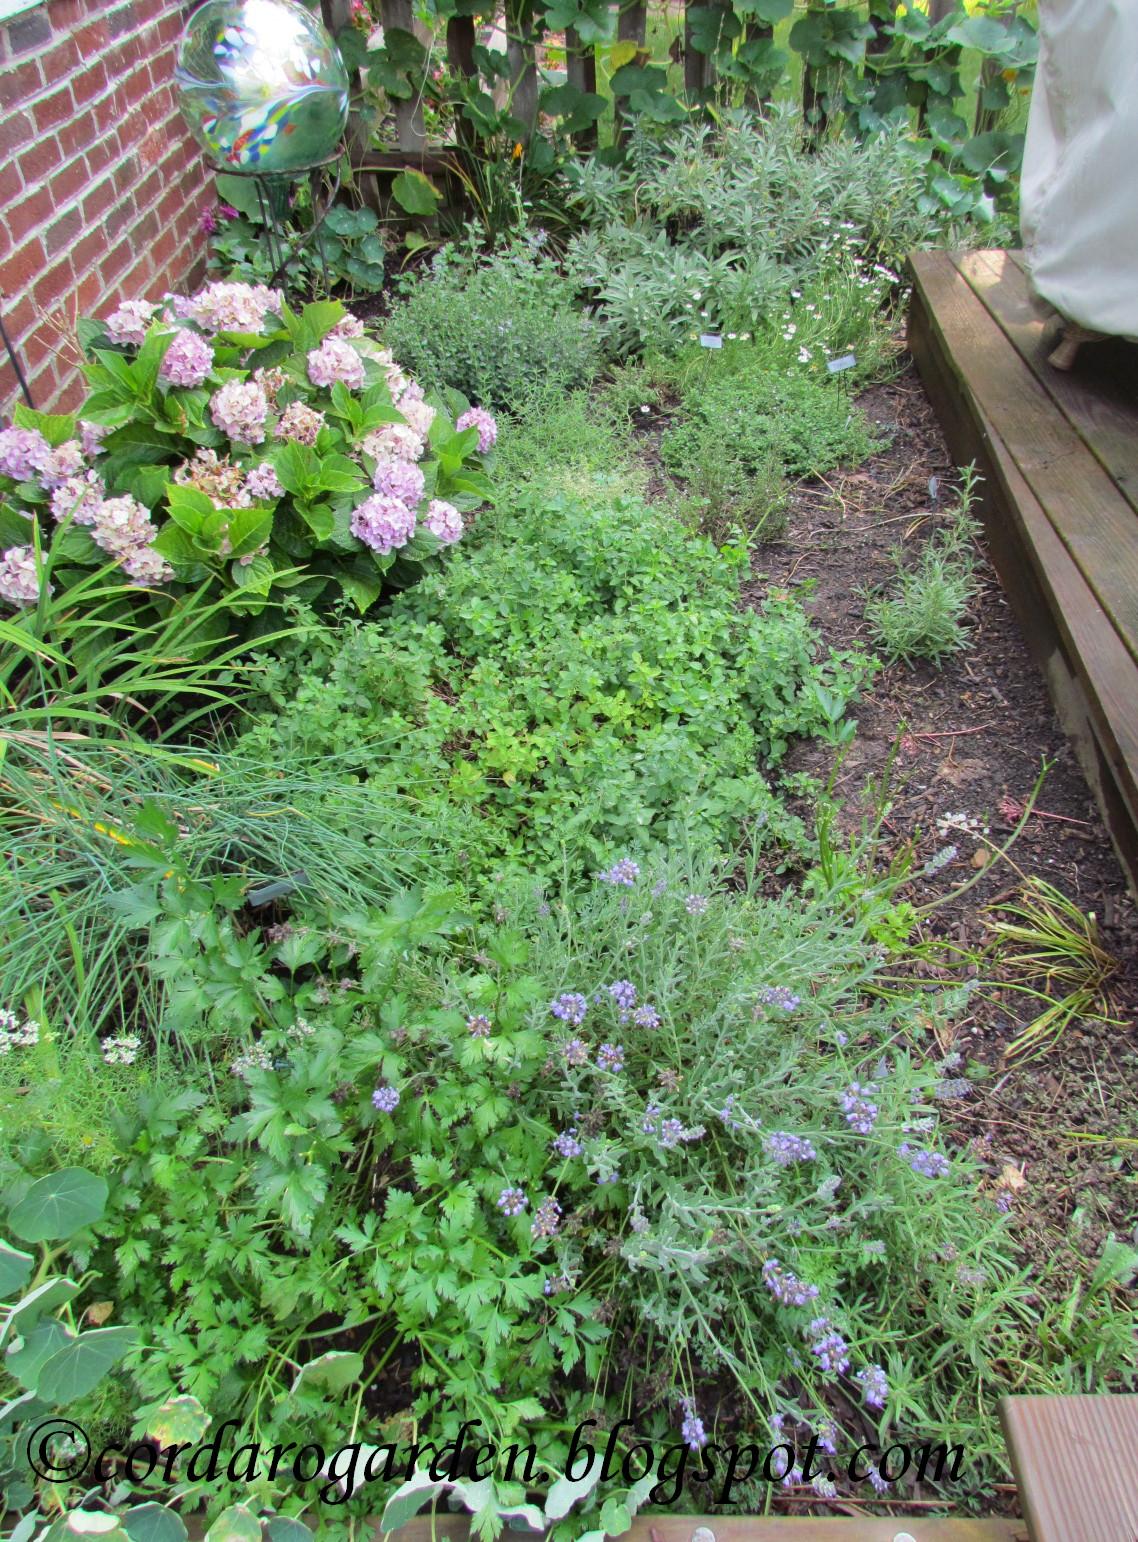 The Gardener Of Eden Hot Home Garden Happenings